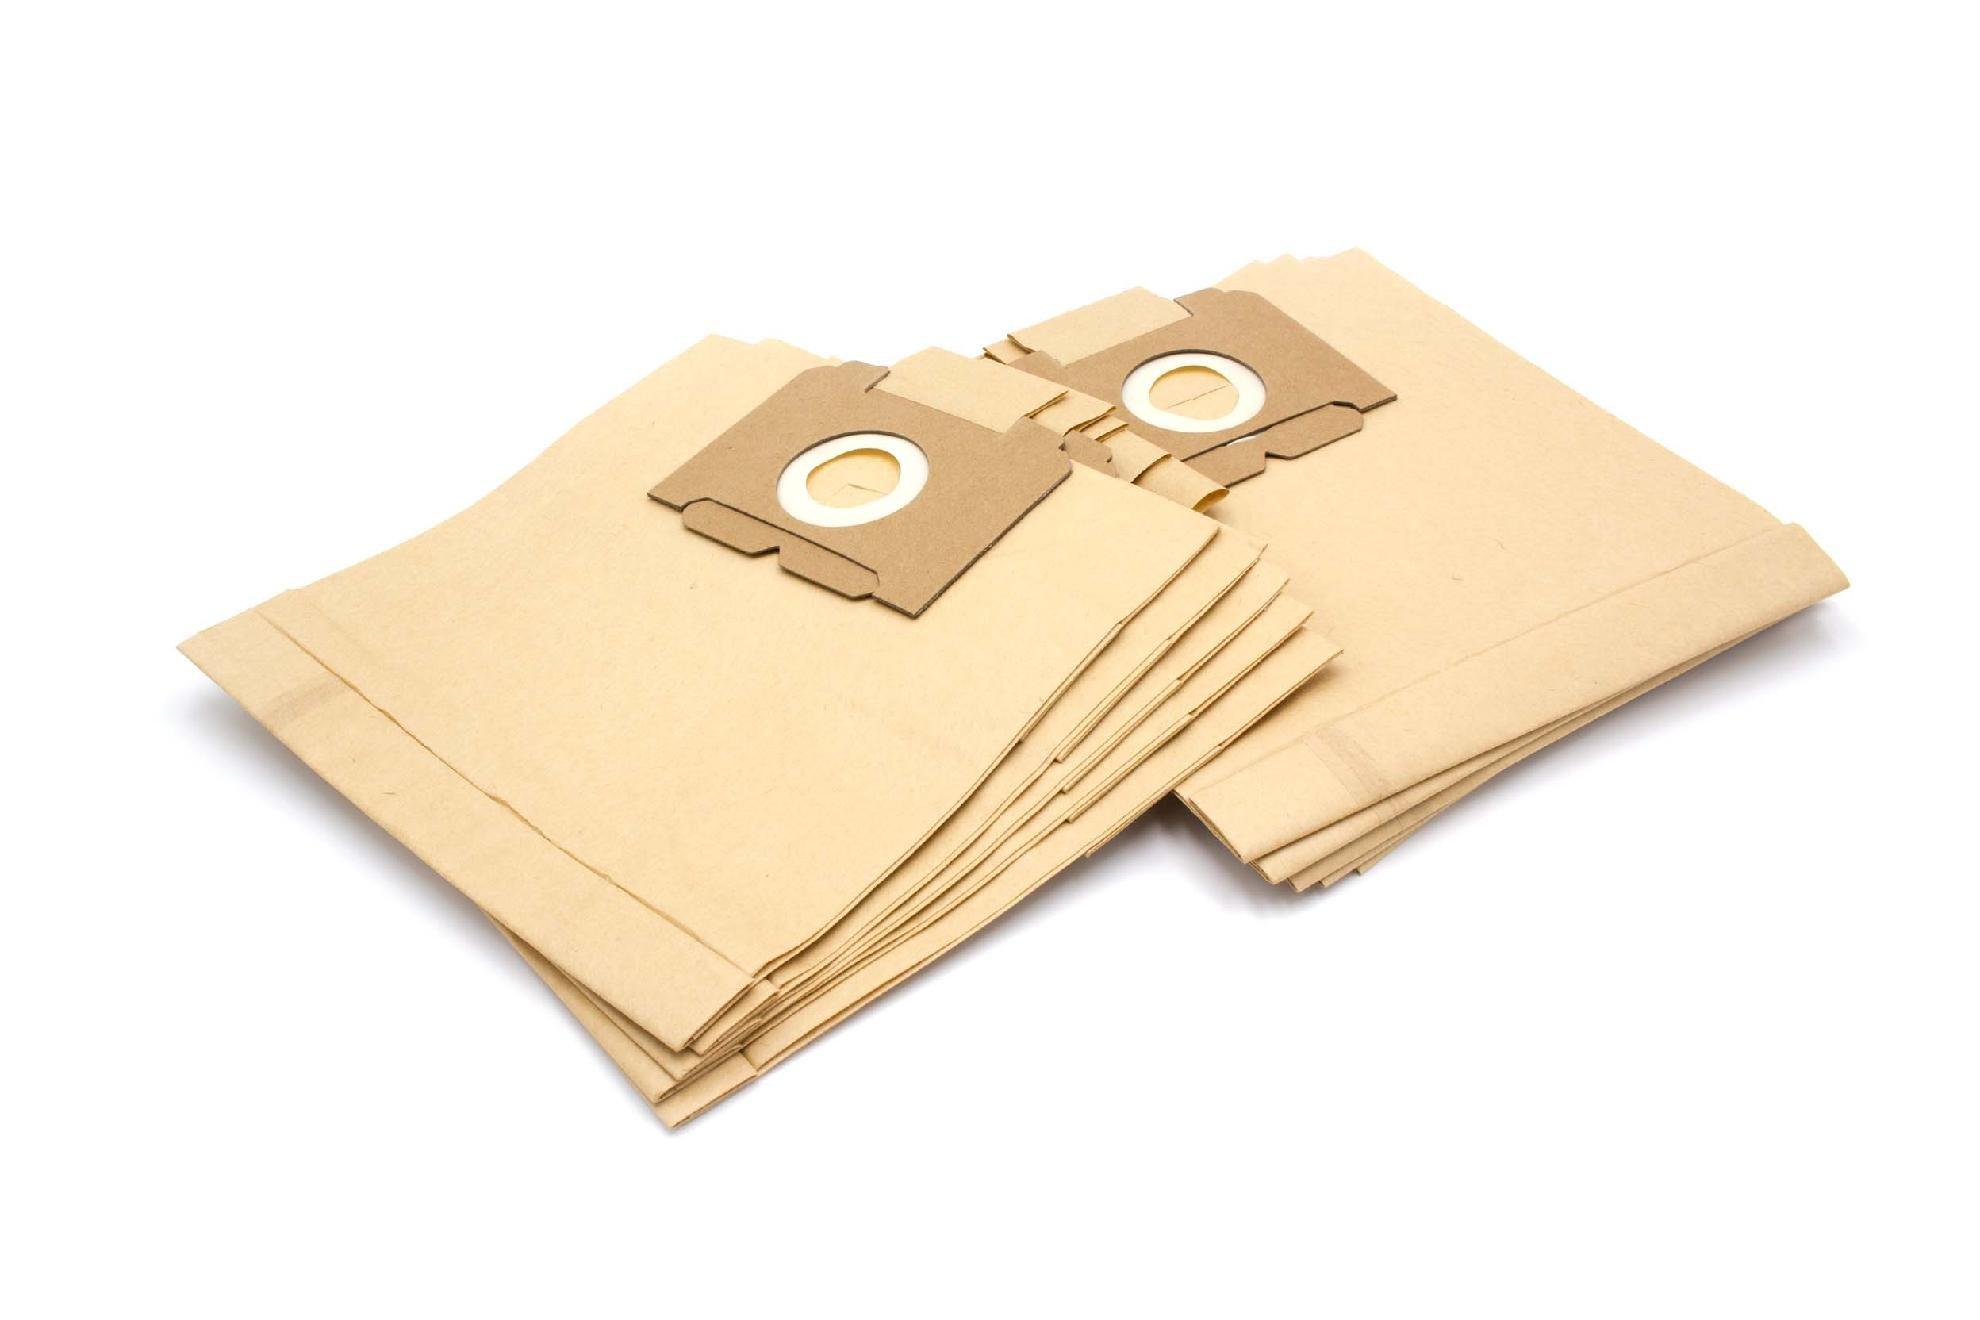 vhbw 10 Bolsas de papel para aspiradoras AEG/Electrolux Vampyr ...